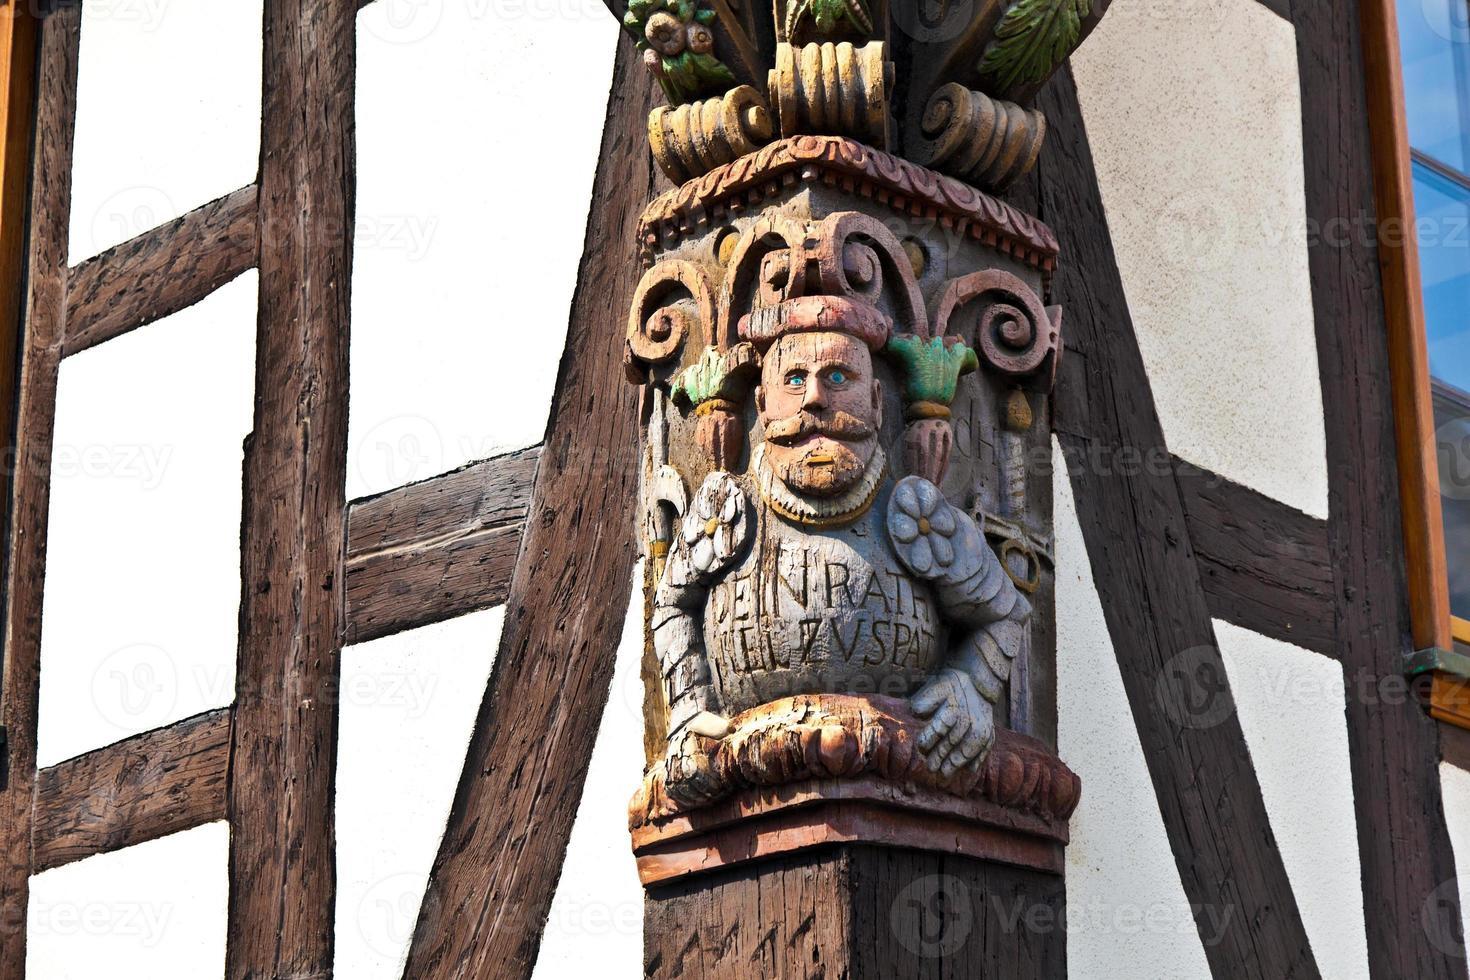 ristningar i ramverket i ett gammalt medeltida hus foto